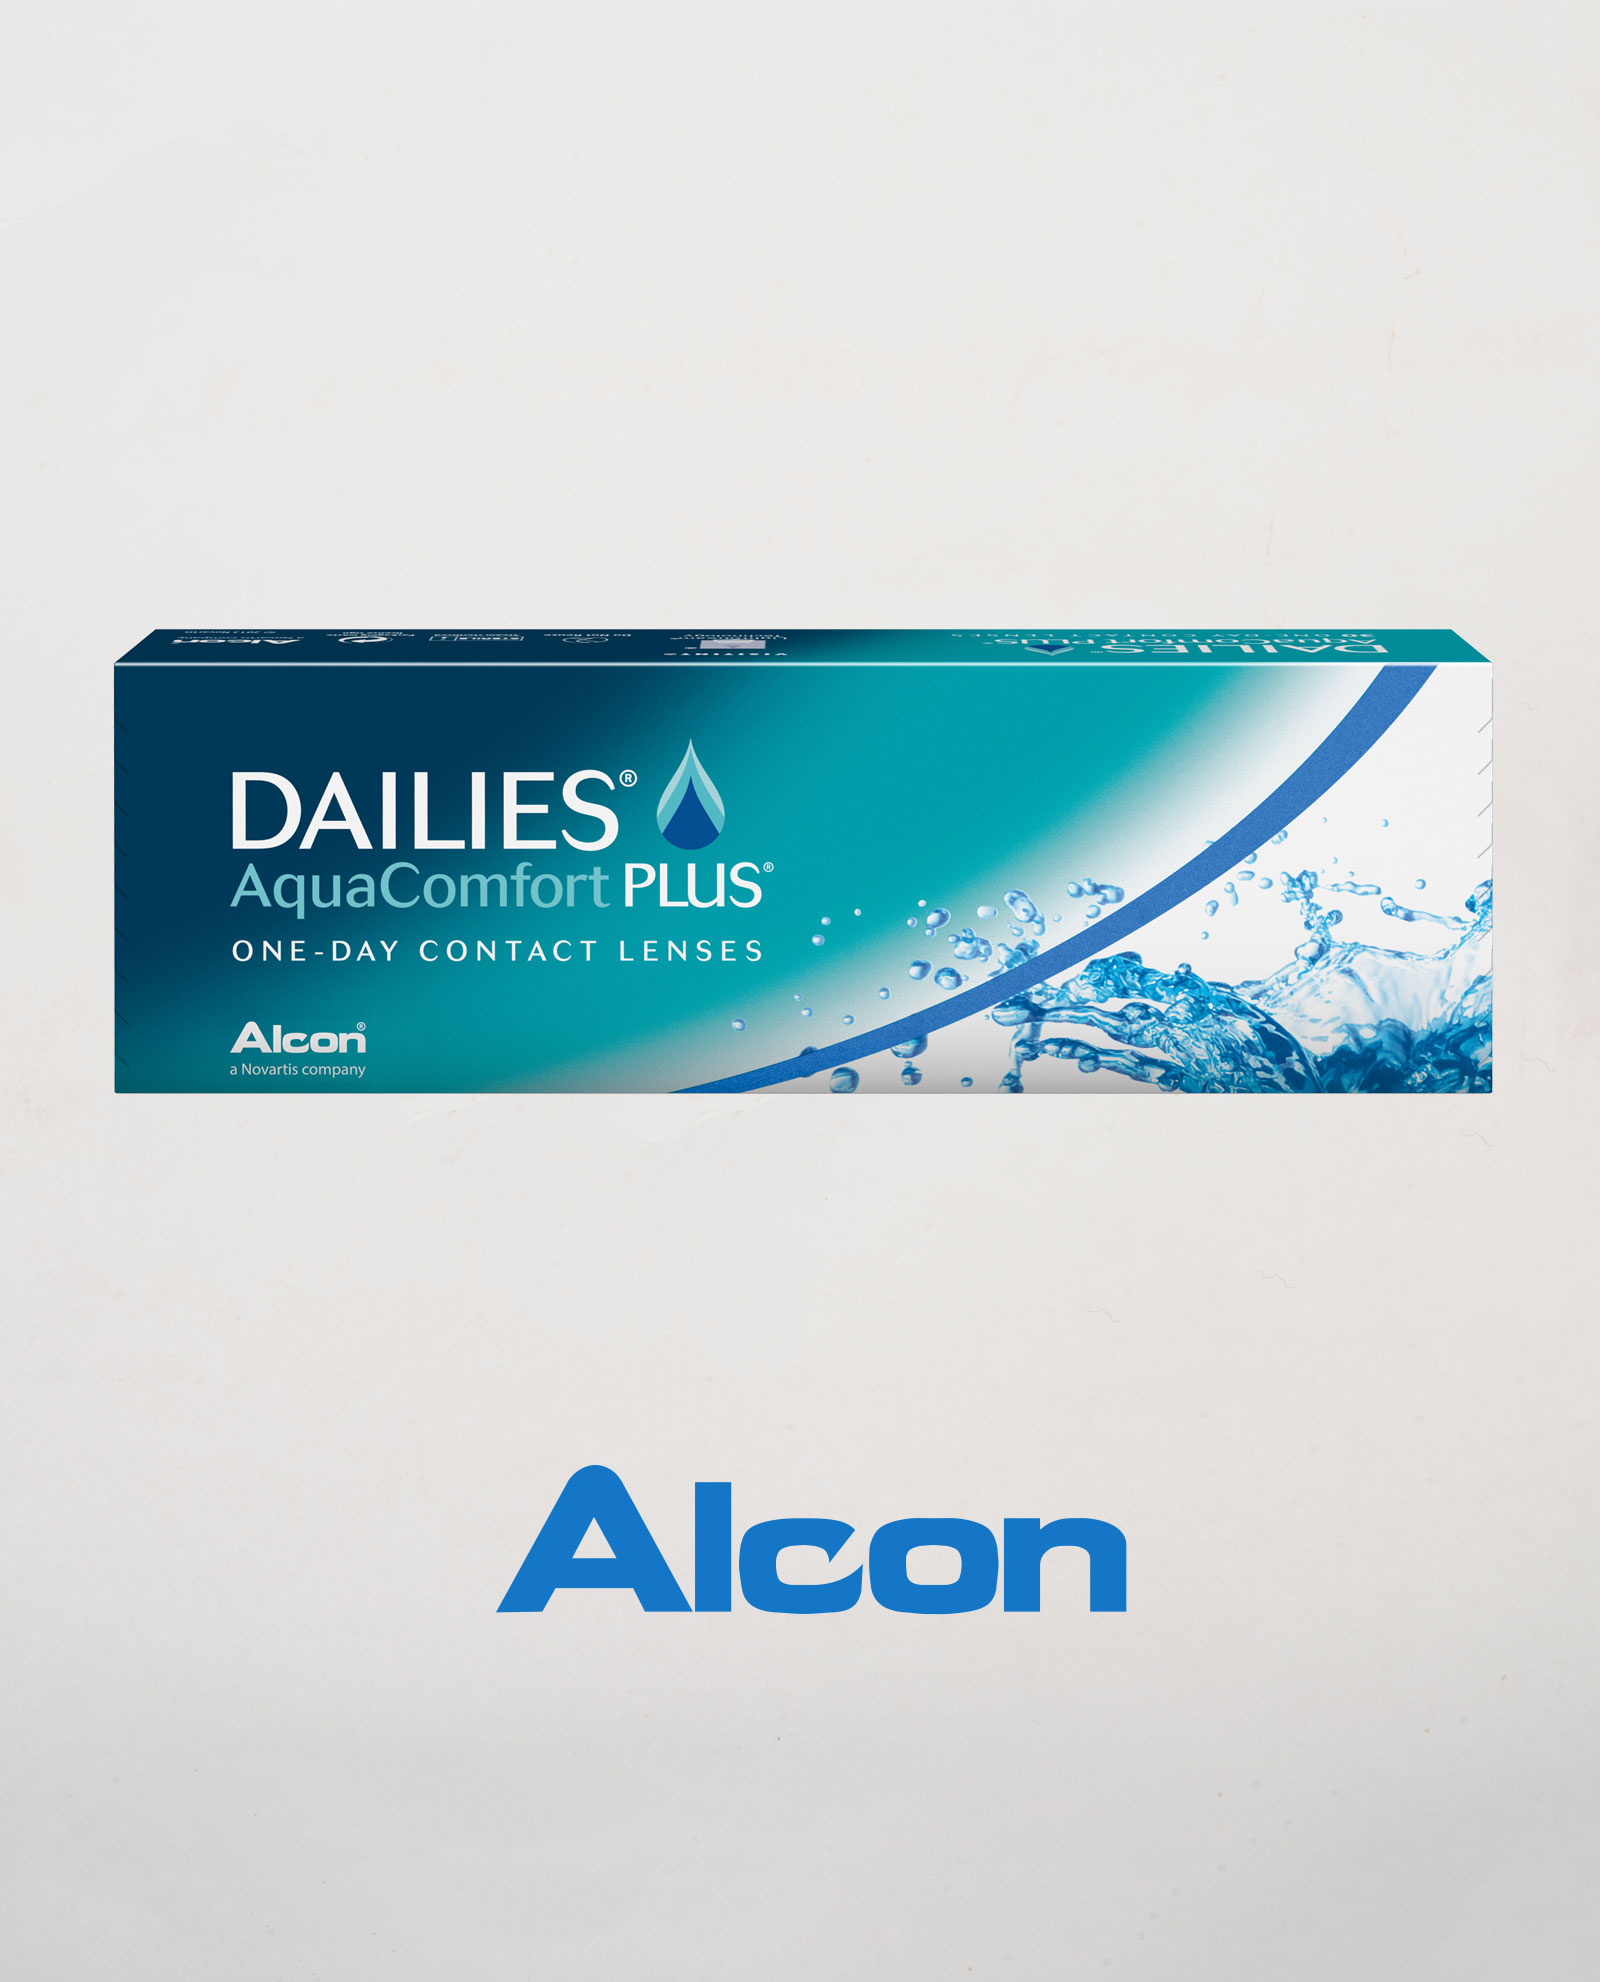 optix comforter air alcon comfort contact dailies reviews for lens lenses aqua brands